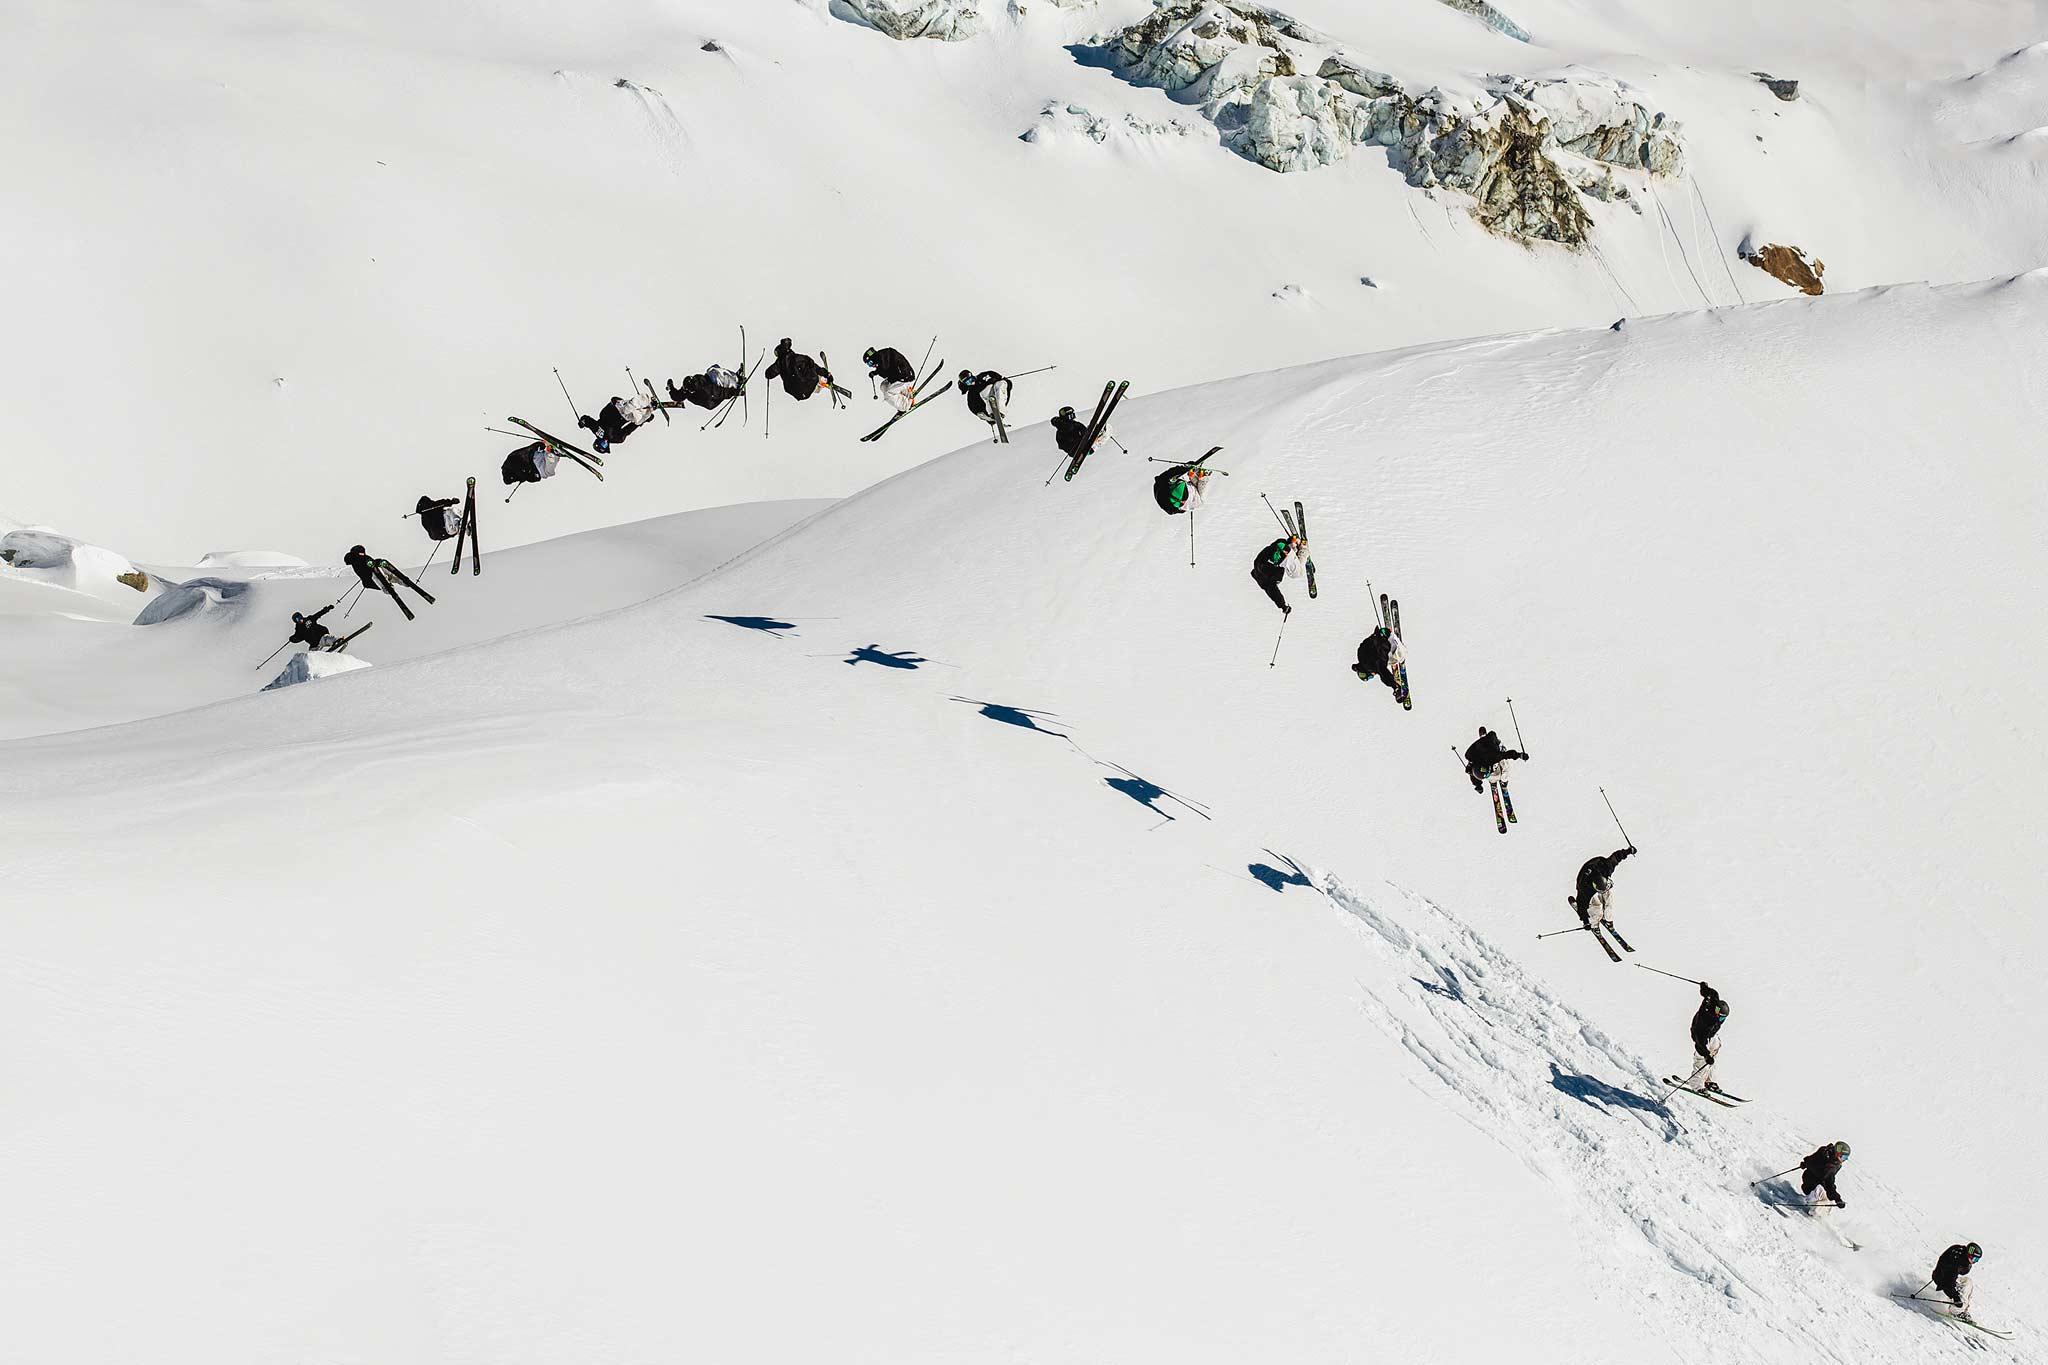 Das 2-Jahresprojekt von henrik Harlaut ist das wahrscheinlich am meisten erwarteste Release des Jahres. - Foto: Sofia Sjöberg